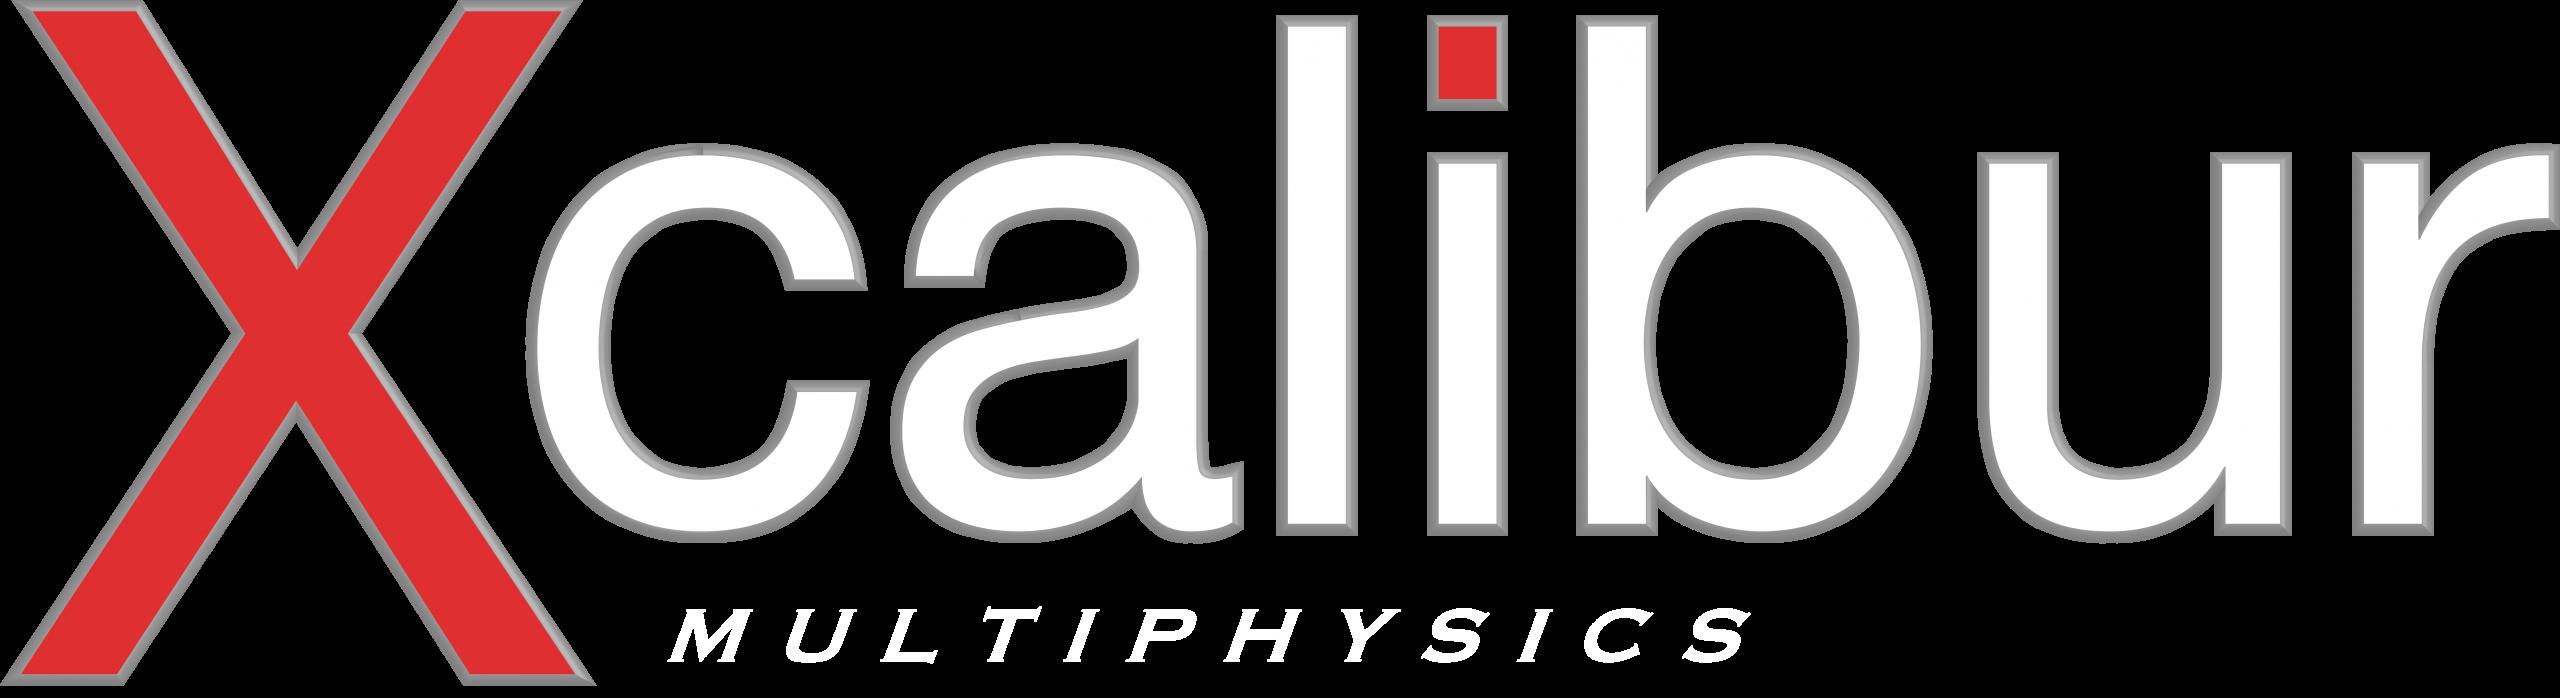 Xcalibur Multiphysics